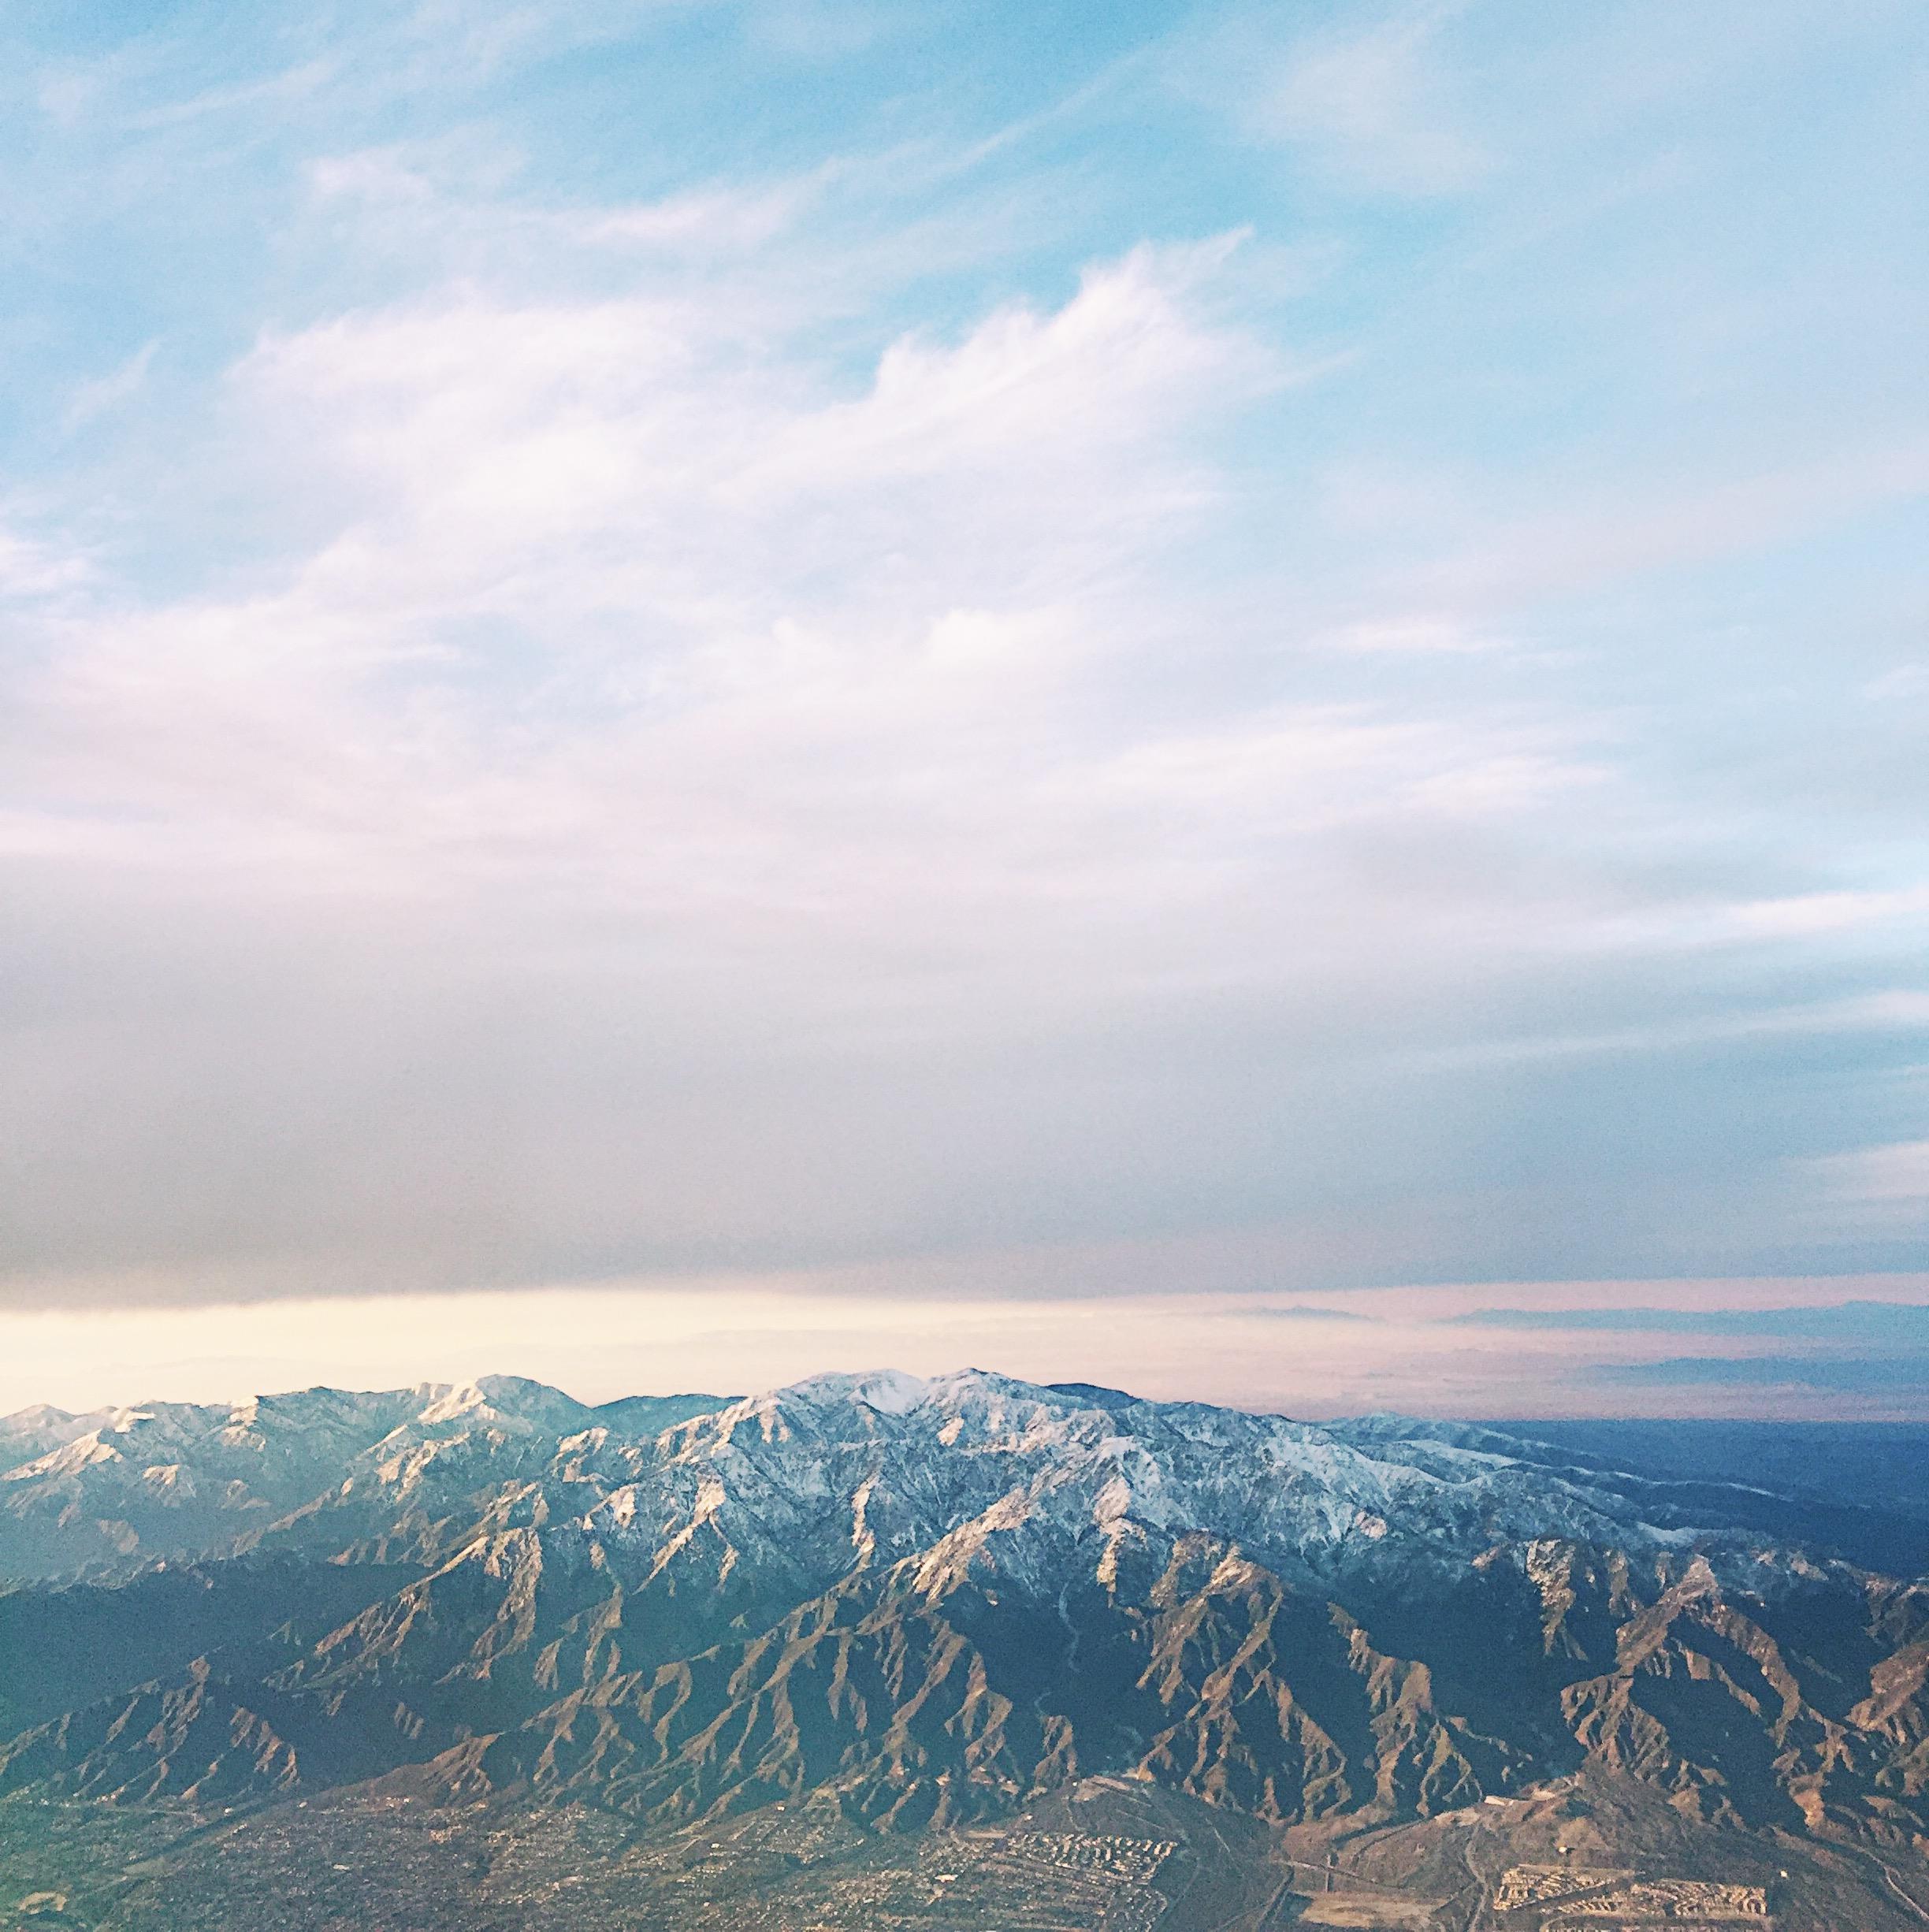 West Coast Trip - Flat 15 Blog